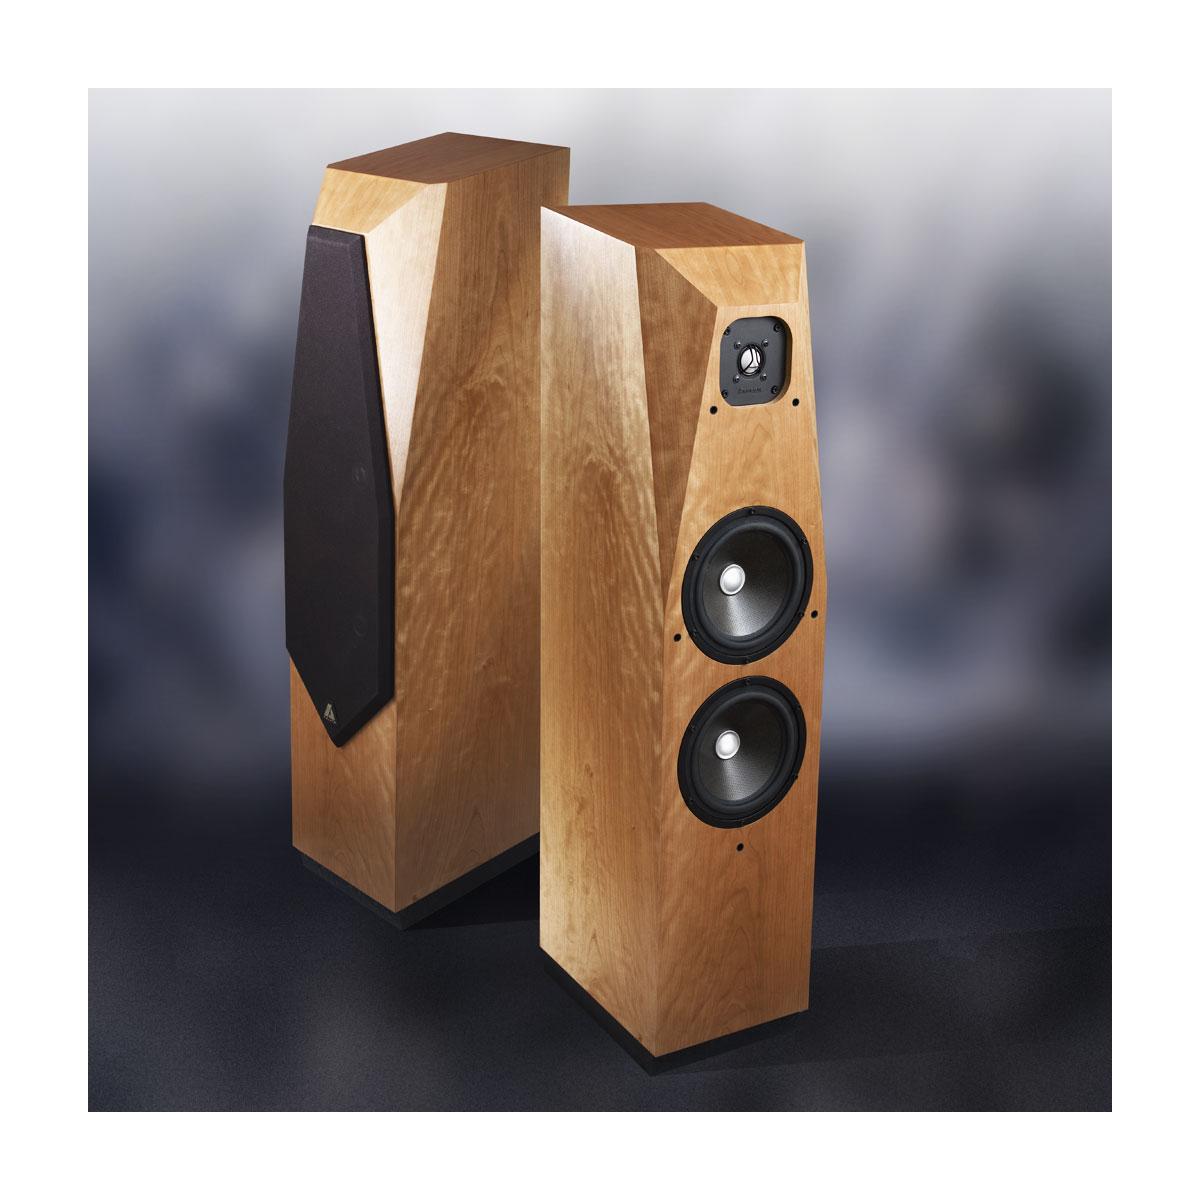 Avalon Acoustics Idea Cherry 販売価格お問い合わせください。 アヴァロン スピーカーシステム ペア